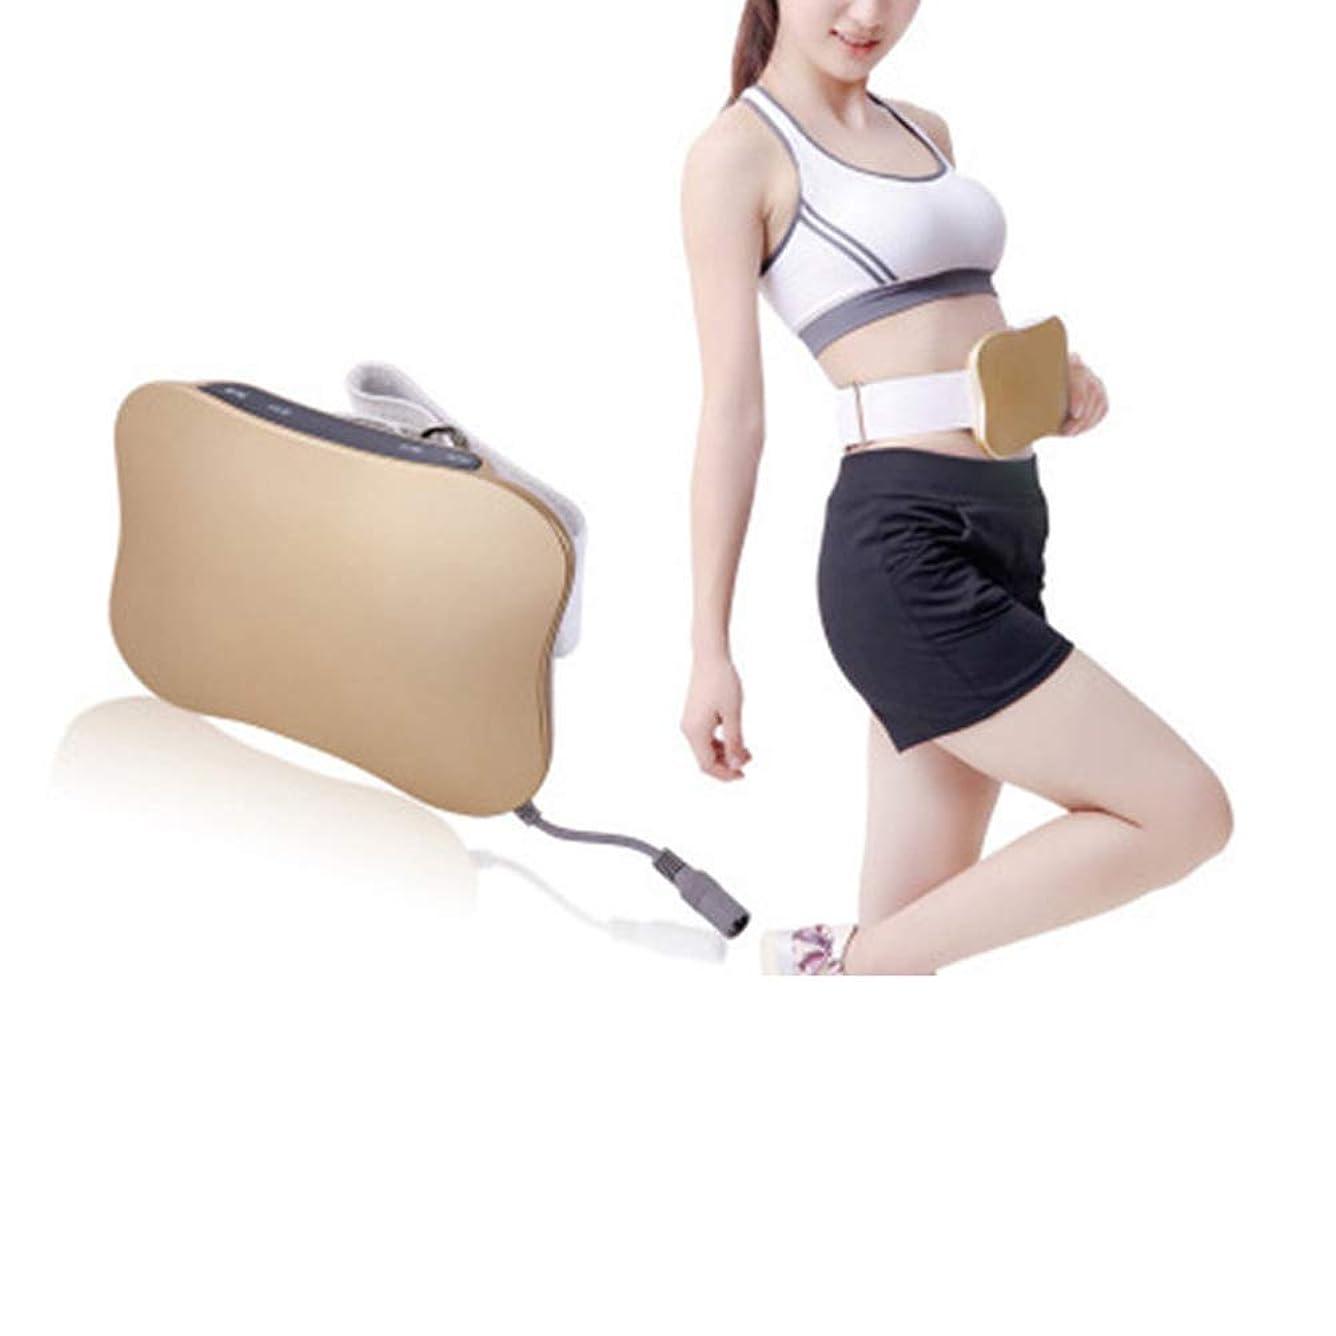 使役レイプ鏡腹部のマッサージャーの怠惰な減量機械携帯用マッサージの脂肪質バーナーの美の減量の軽減の苦痛家の振動装置